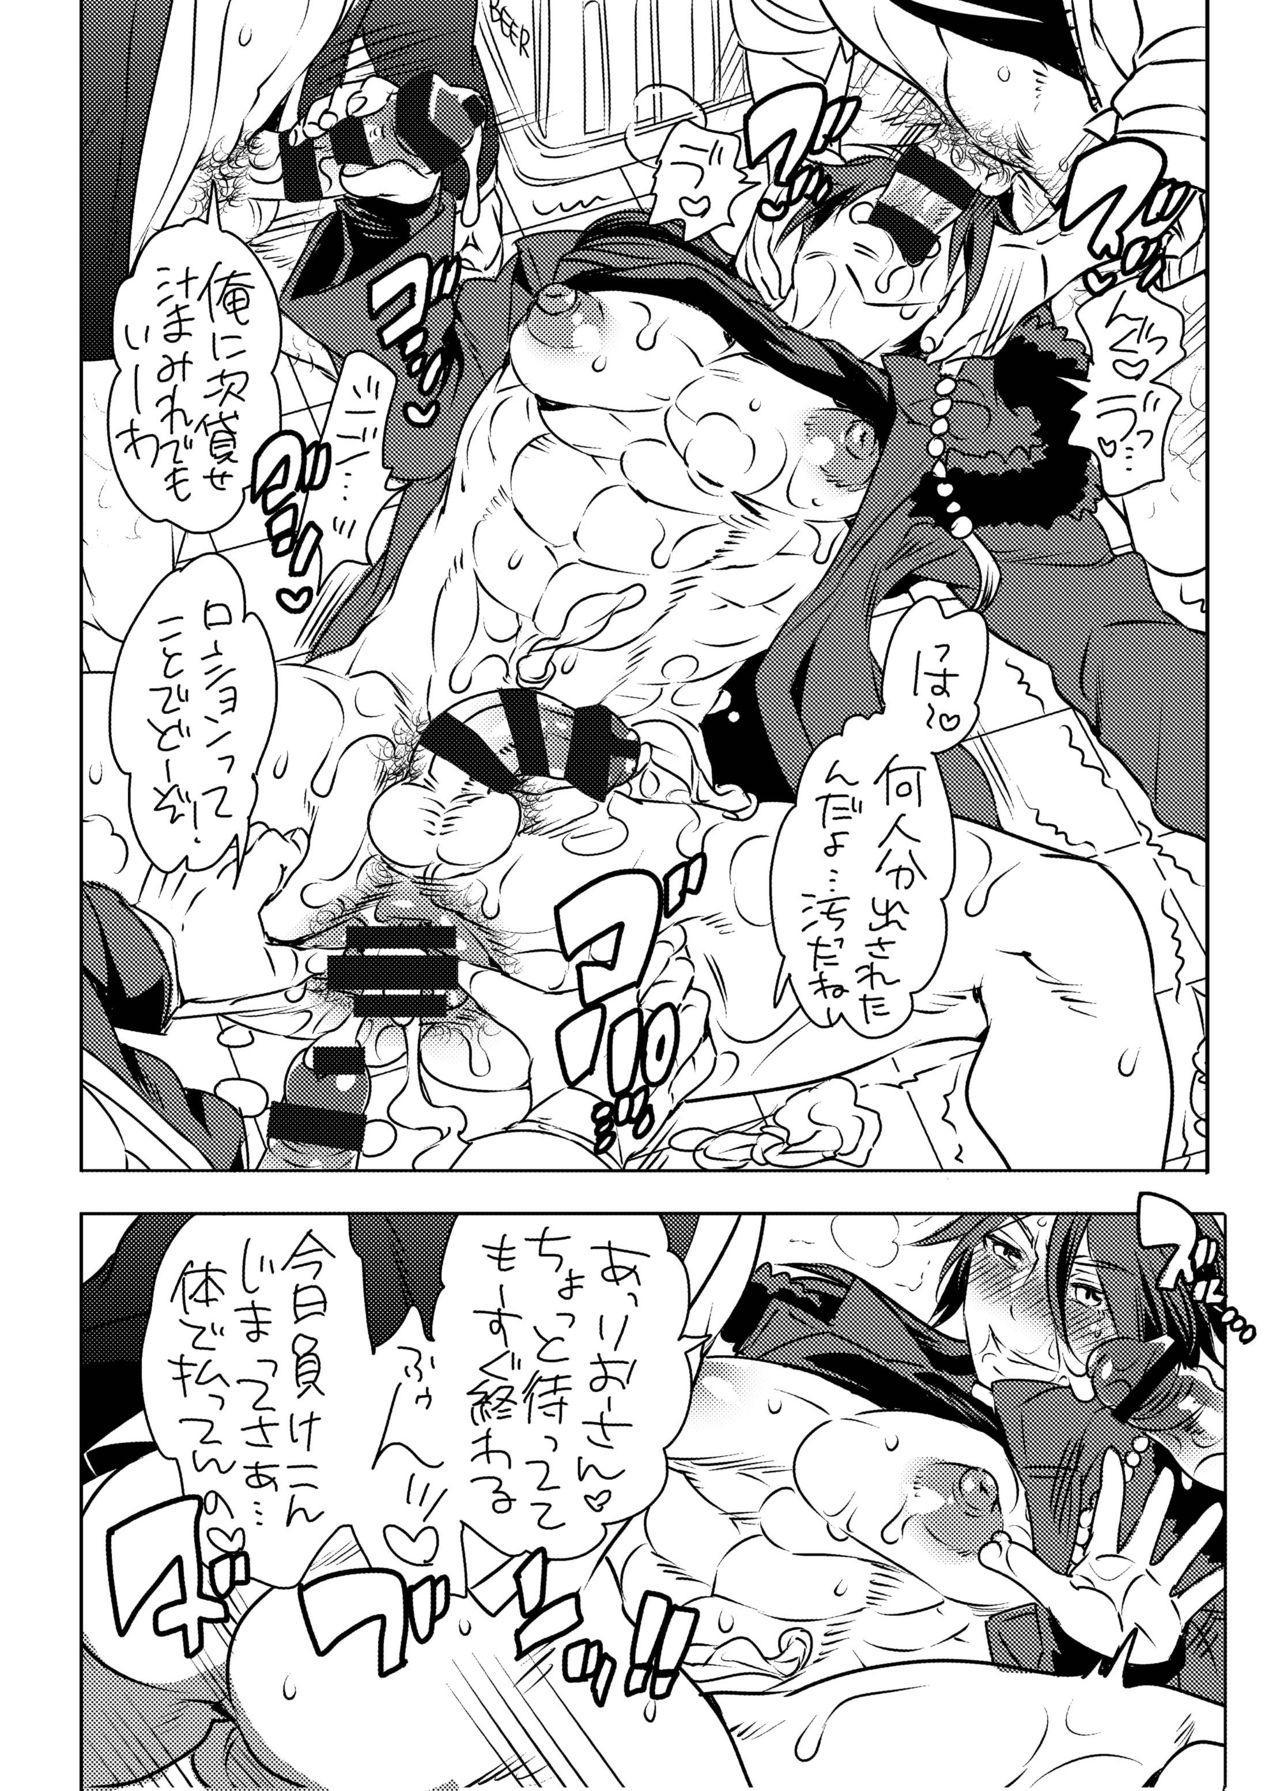 Hipumai no Ero-hon 3